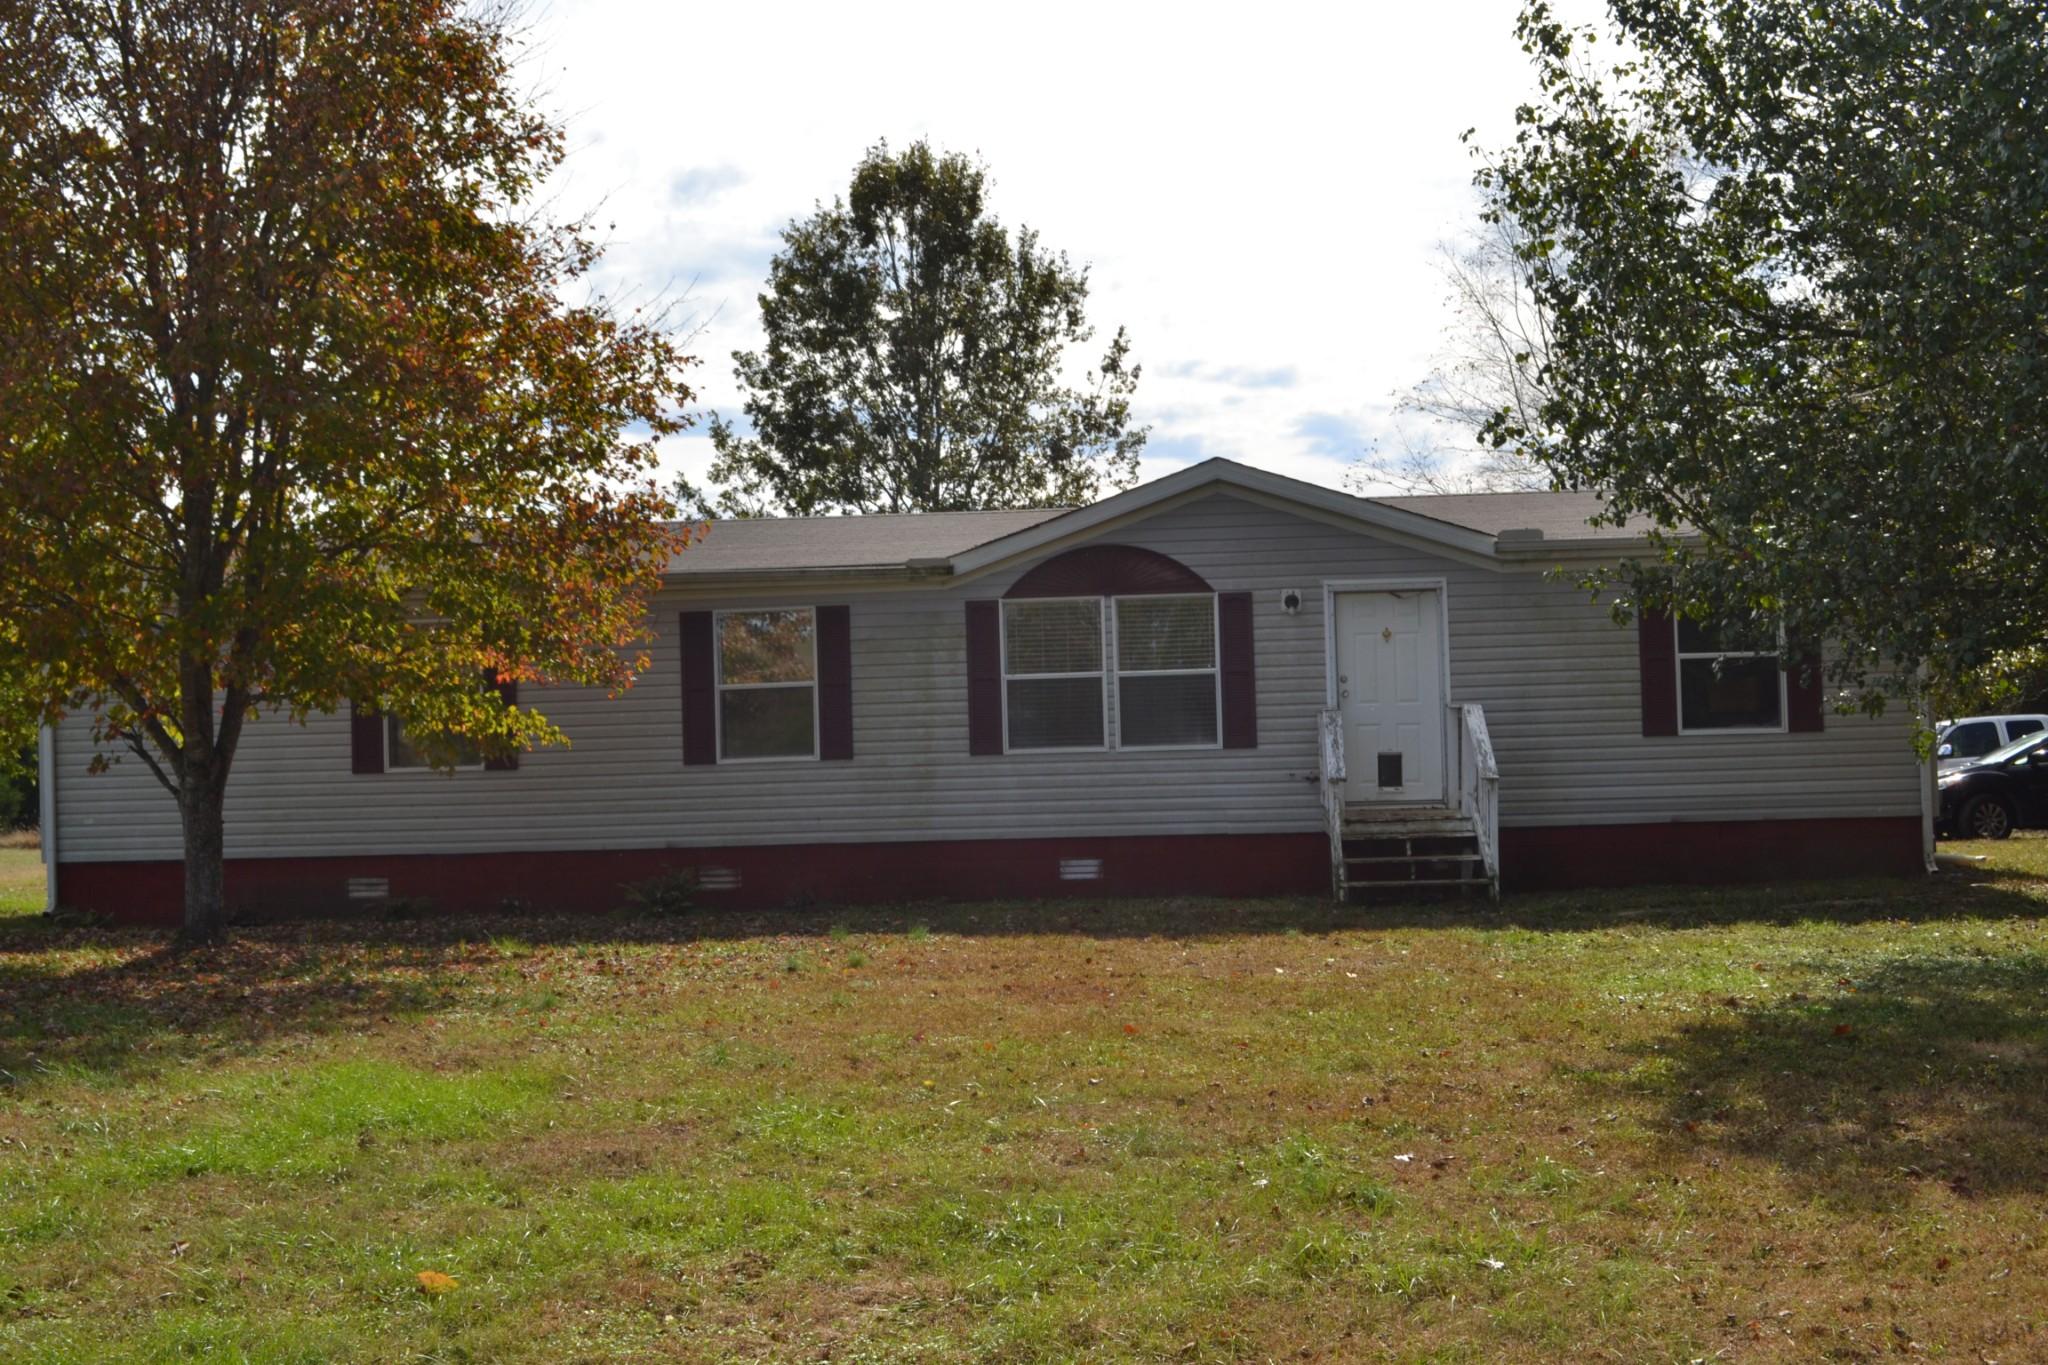 478 Fruit Valley Rd, Rockvale, TN 37153 - Rockvale, TN real estate listing